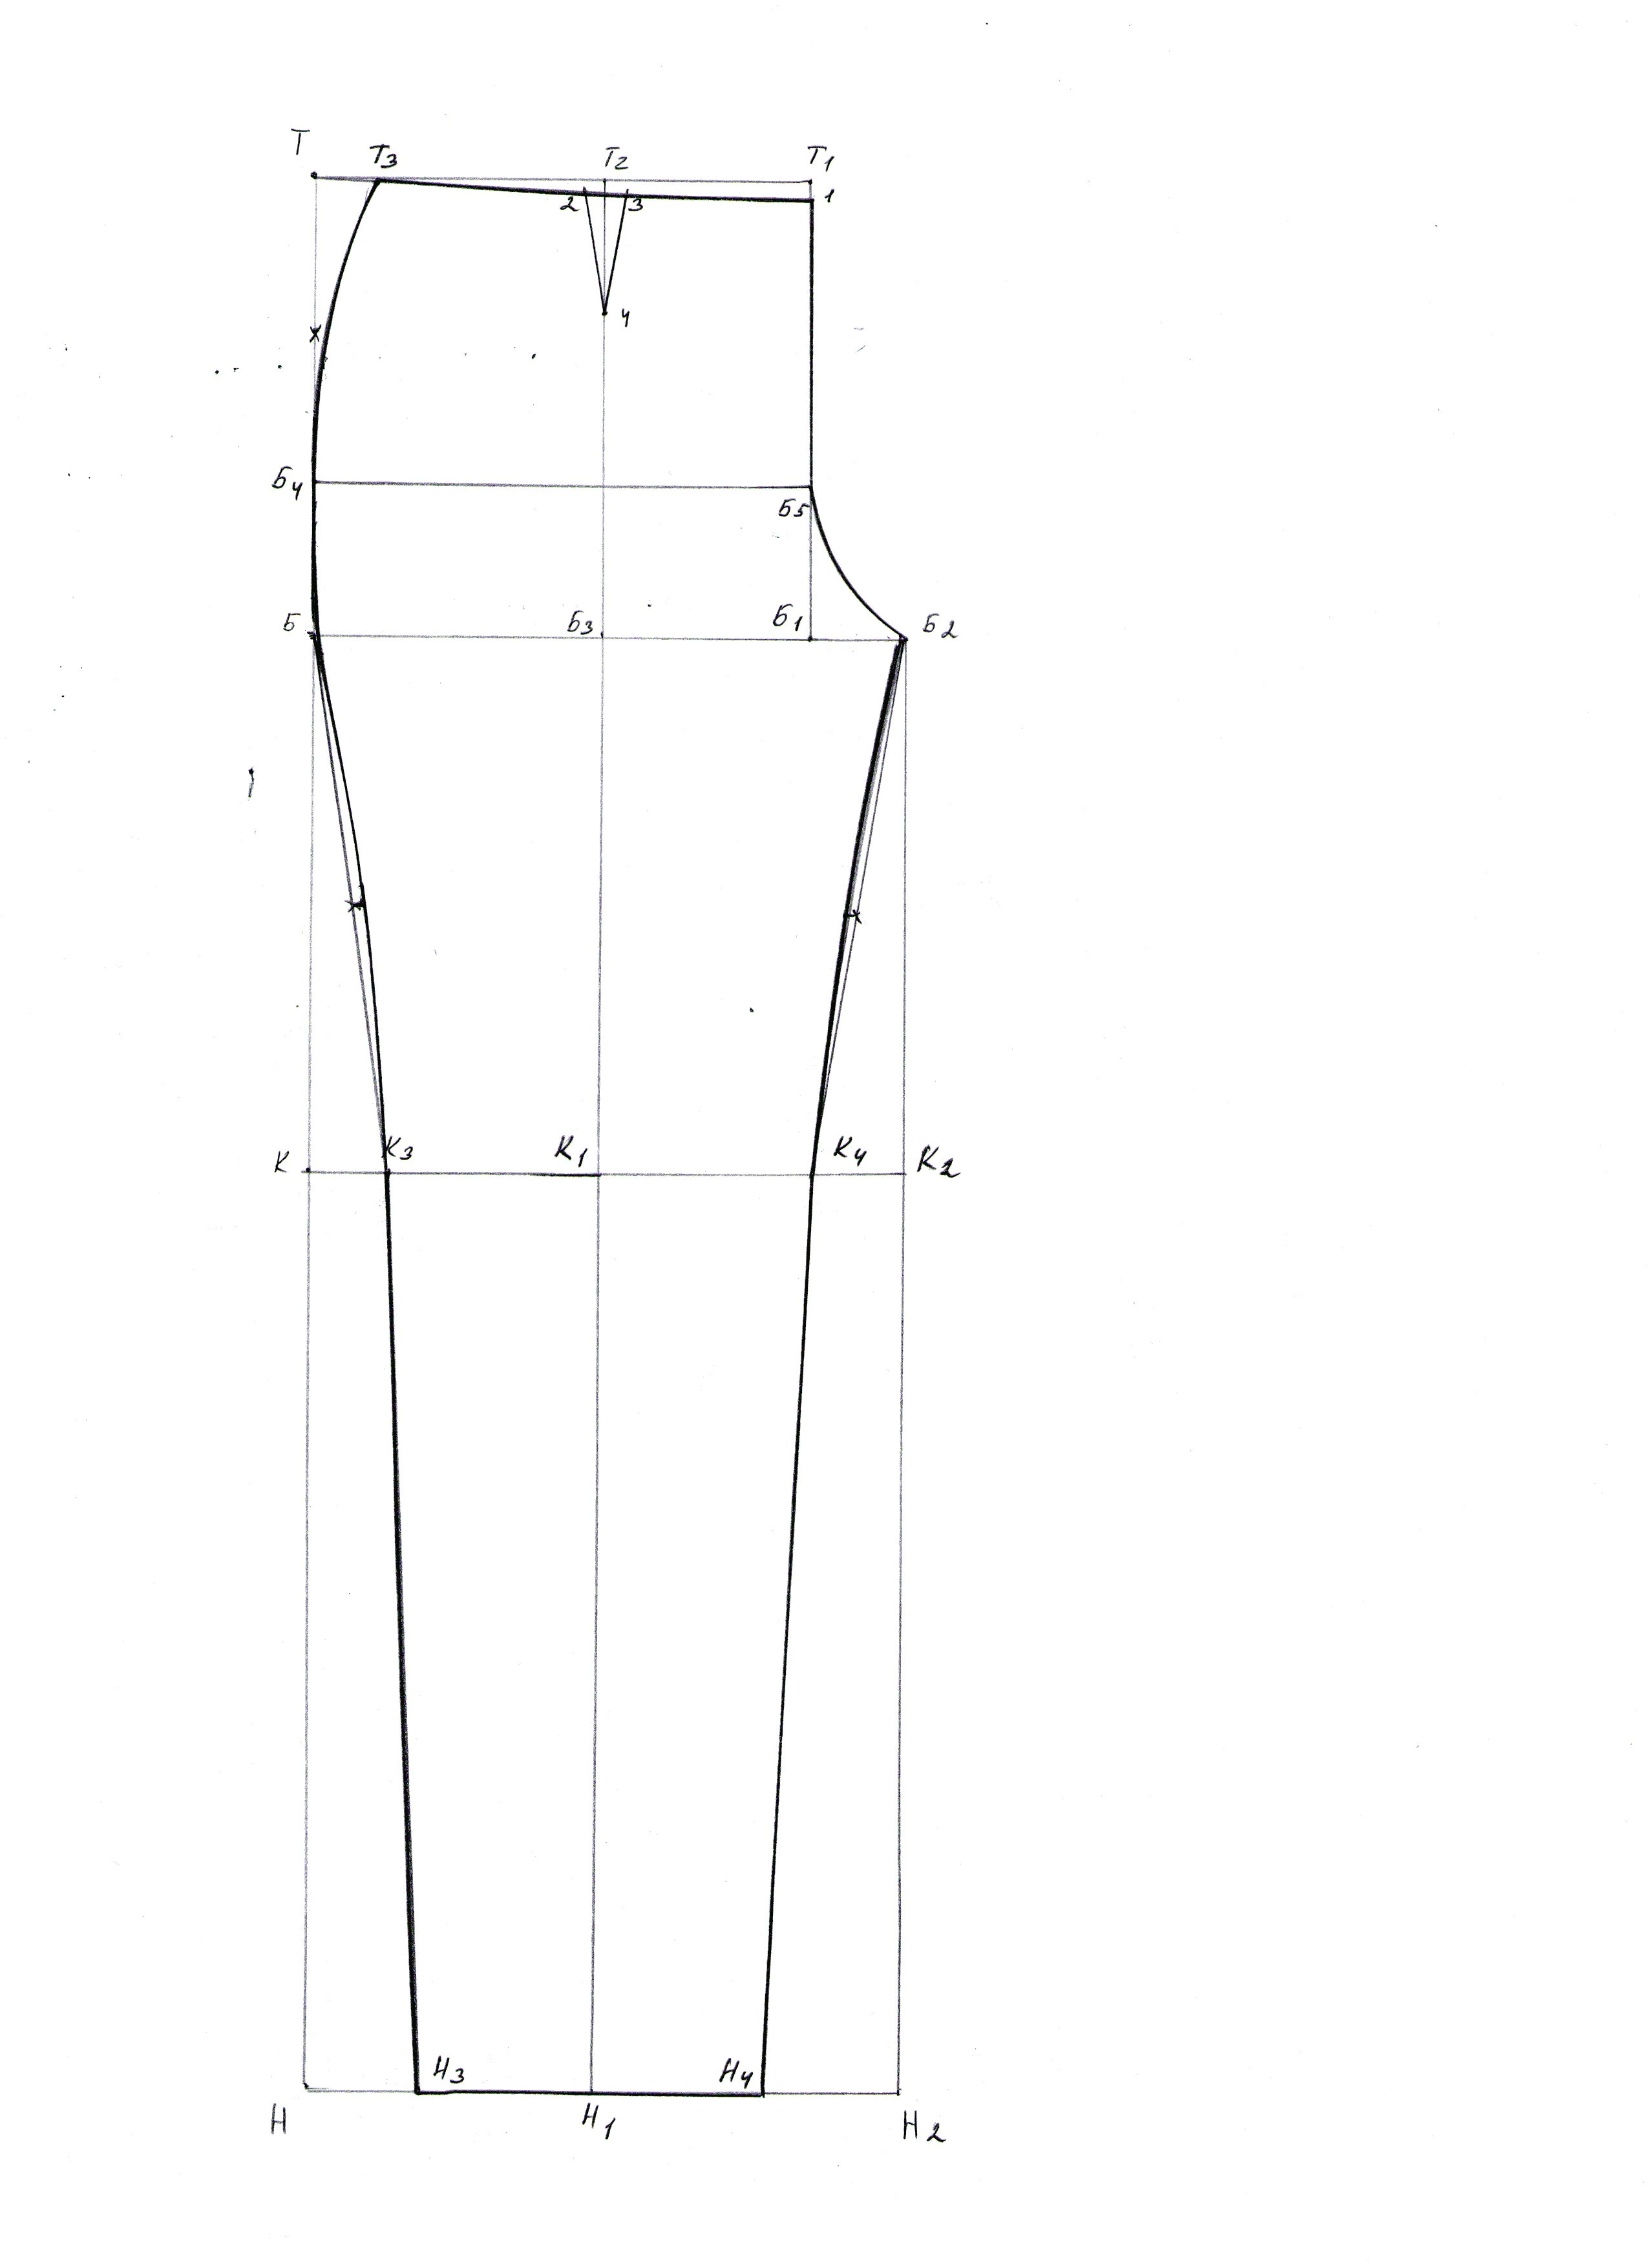 Построение выкройки мужских полуприлегающих брюк. Пошаговая инструкция